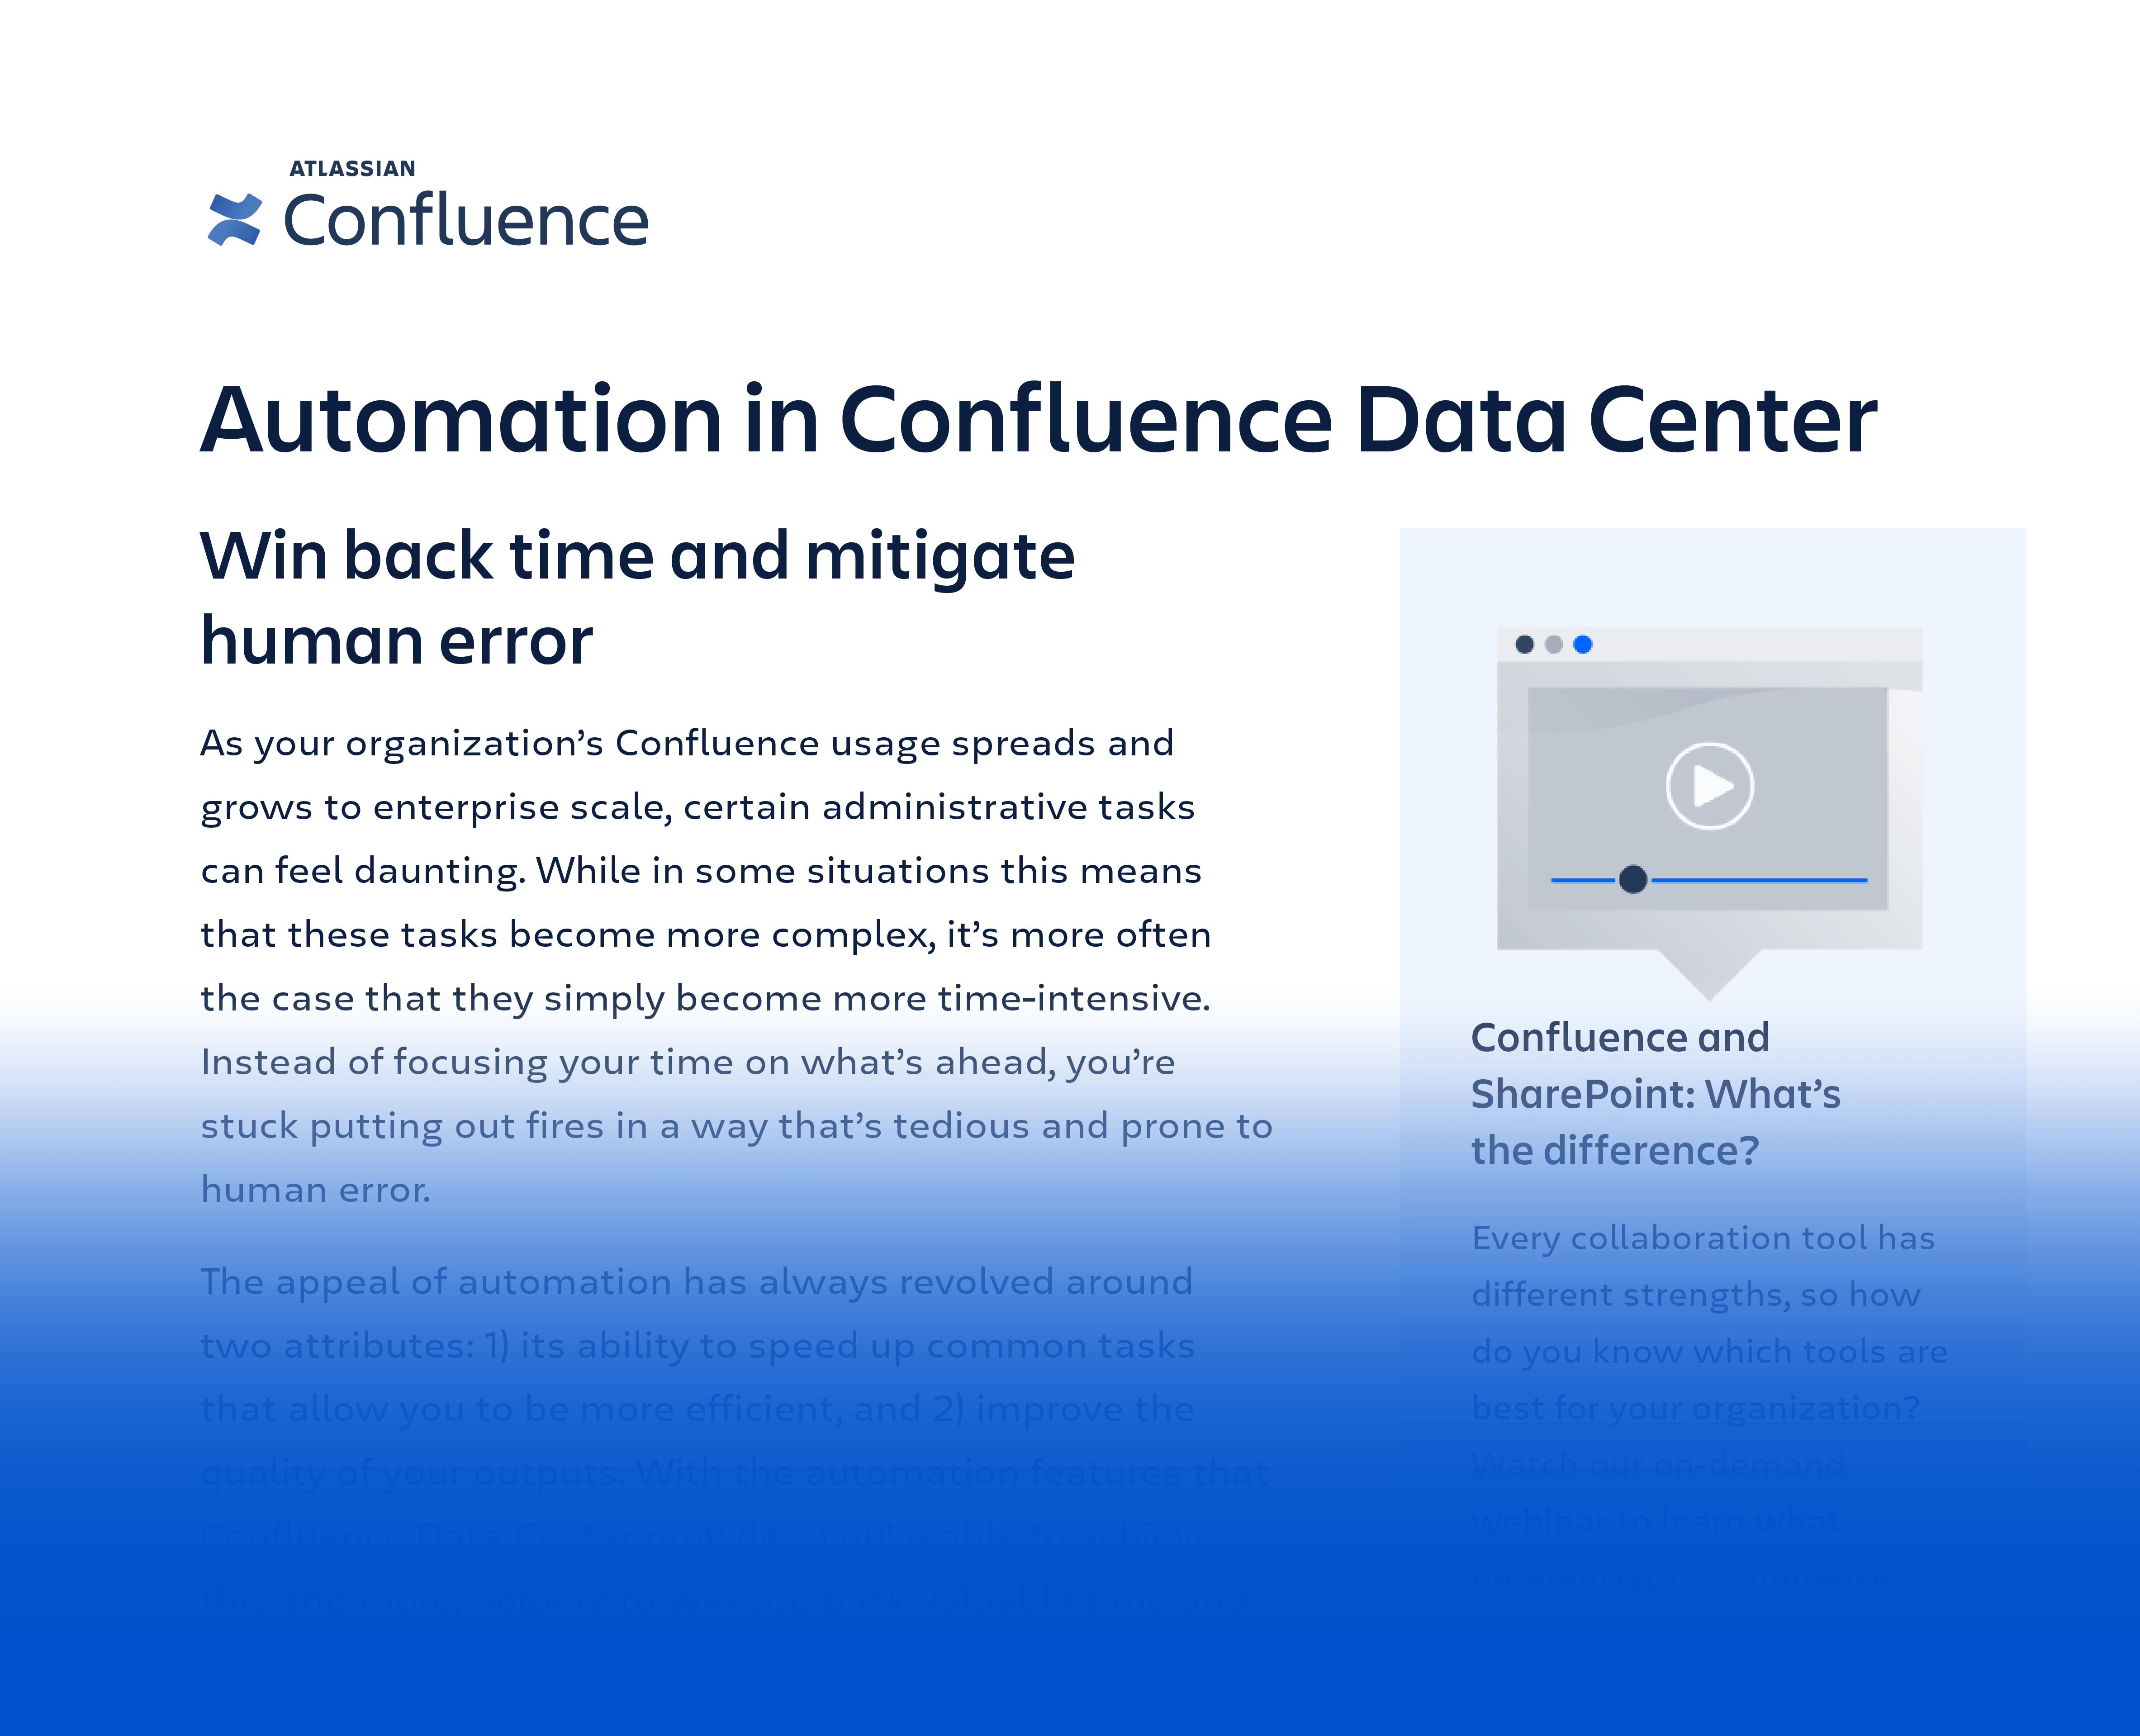 Arkusz danych: Automatyzacja w Confluence Data Center